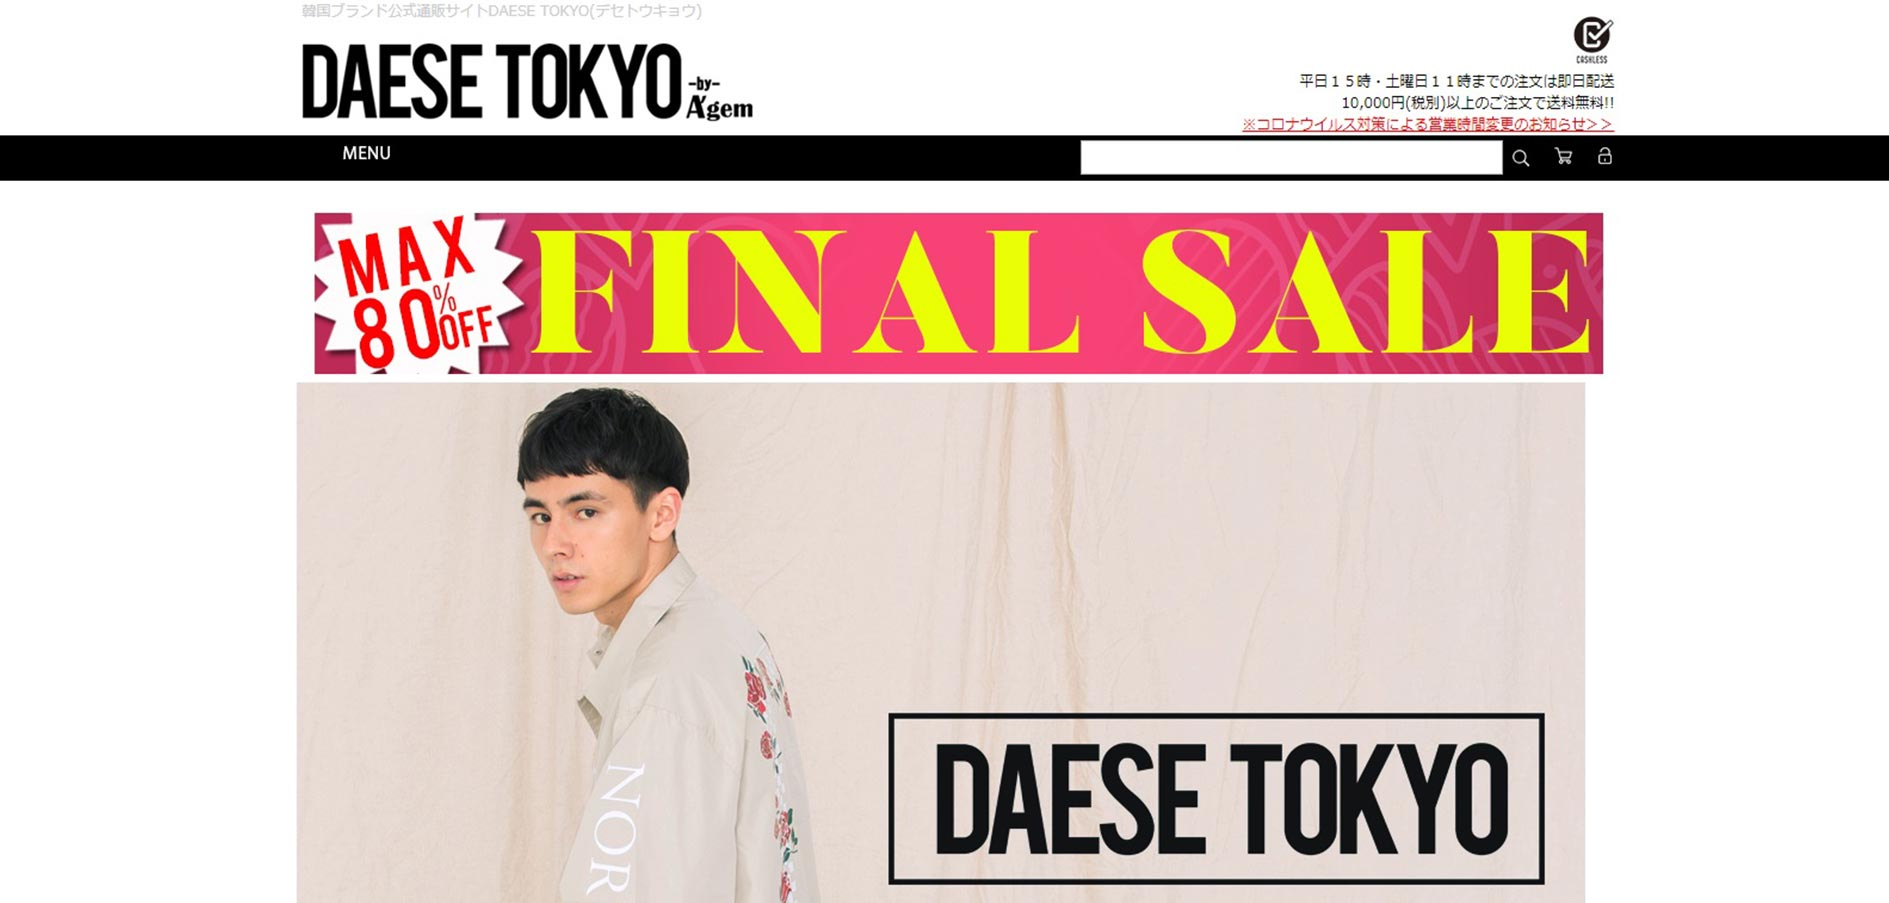 オシャレ男子に人気のメンズ韓国服(オルチャンファッション)通販サイトのDAESE TOKYO(デセトウキョウ)